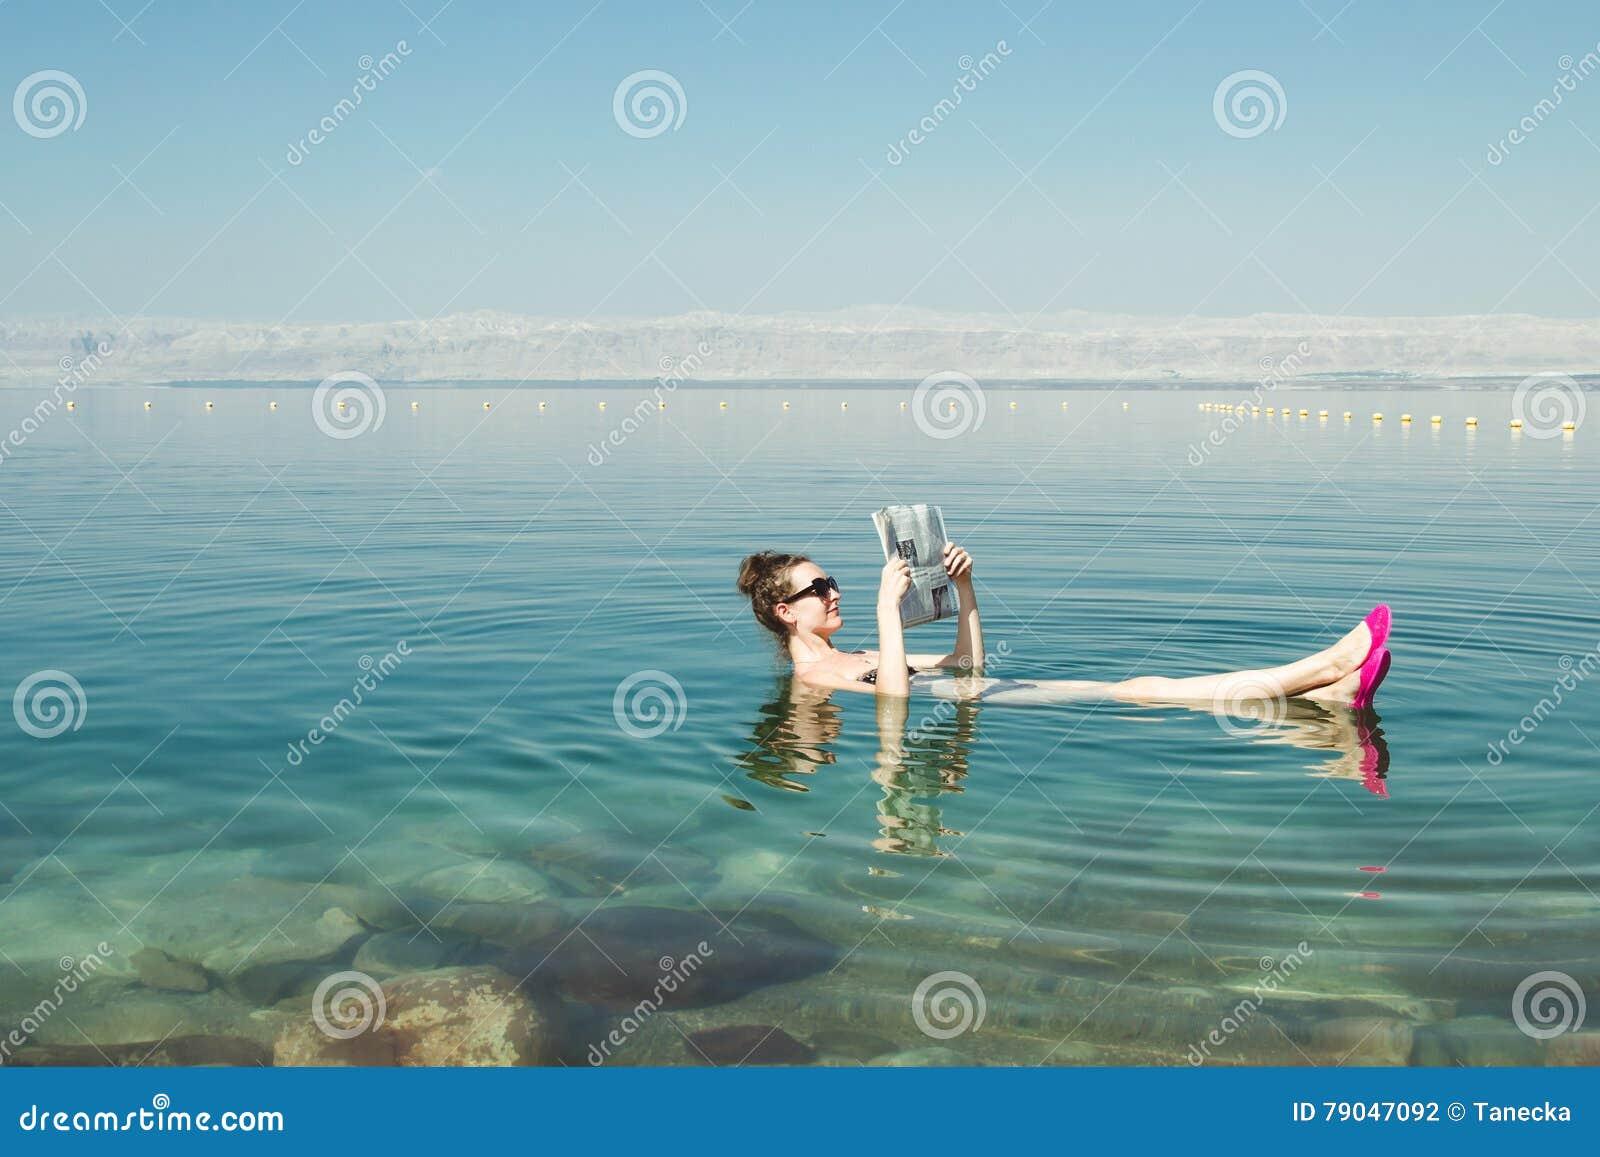 女孩漂浮在表面死海的读书报纸享受夏天太阳和假期 休闲旅游业,健康生活方式,自由的蒂姆